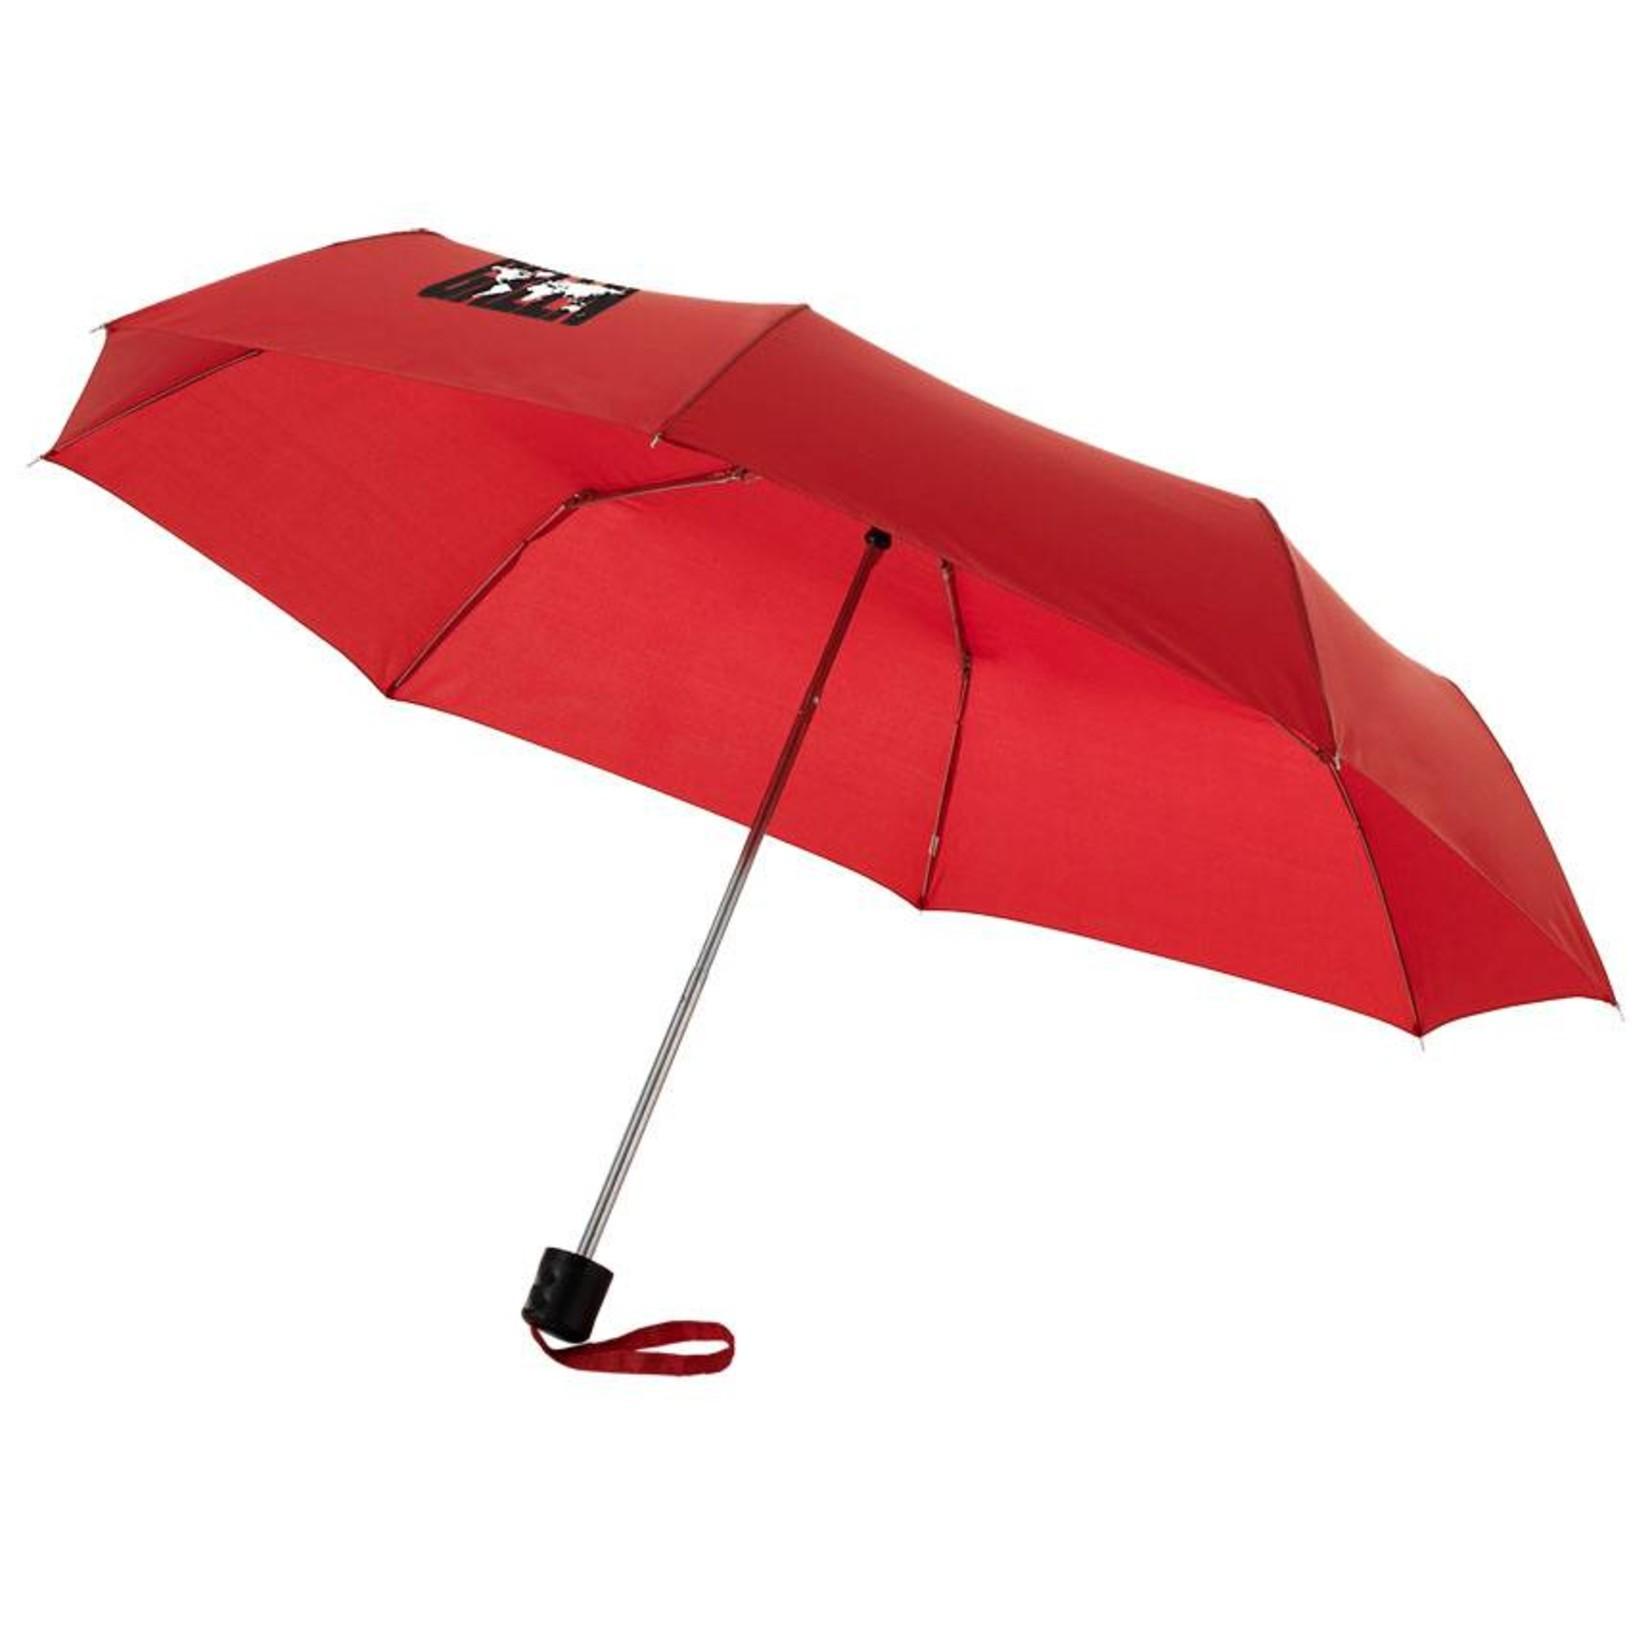 Parapluie 3 sections  avec marquage